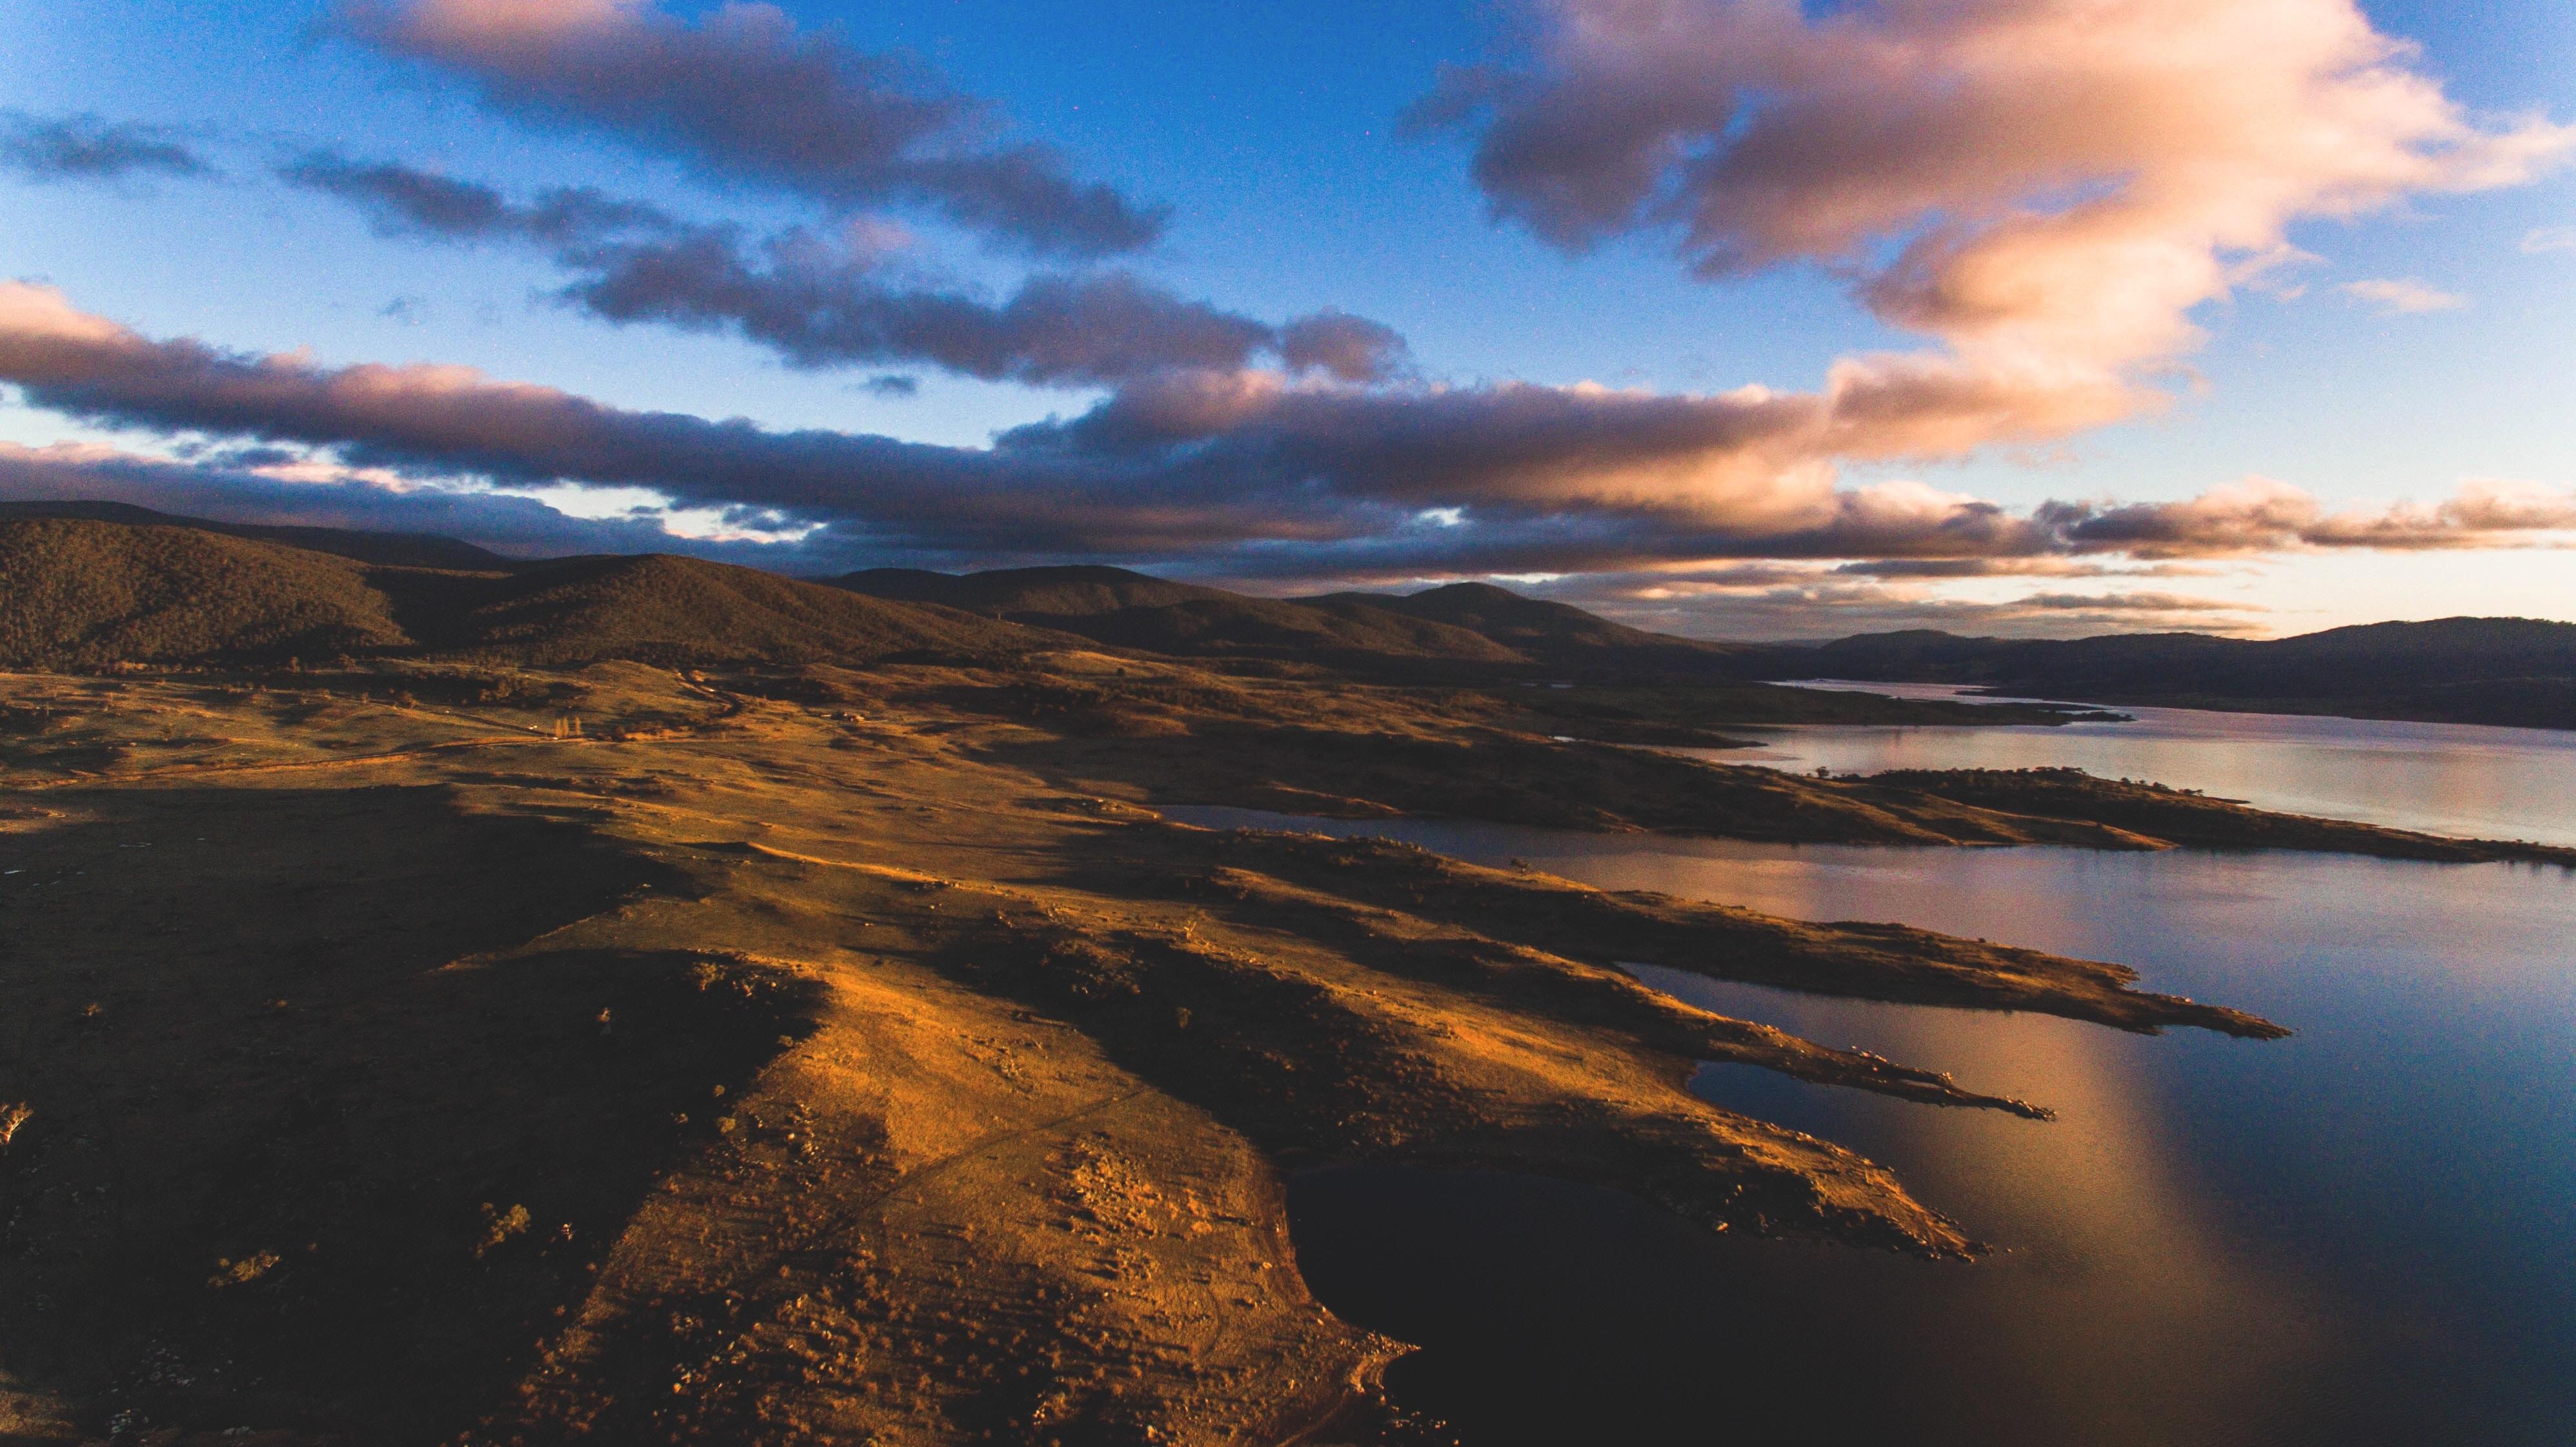 Lake Jindabyne. Photo by Fezbot2000 on Unsplash